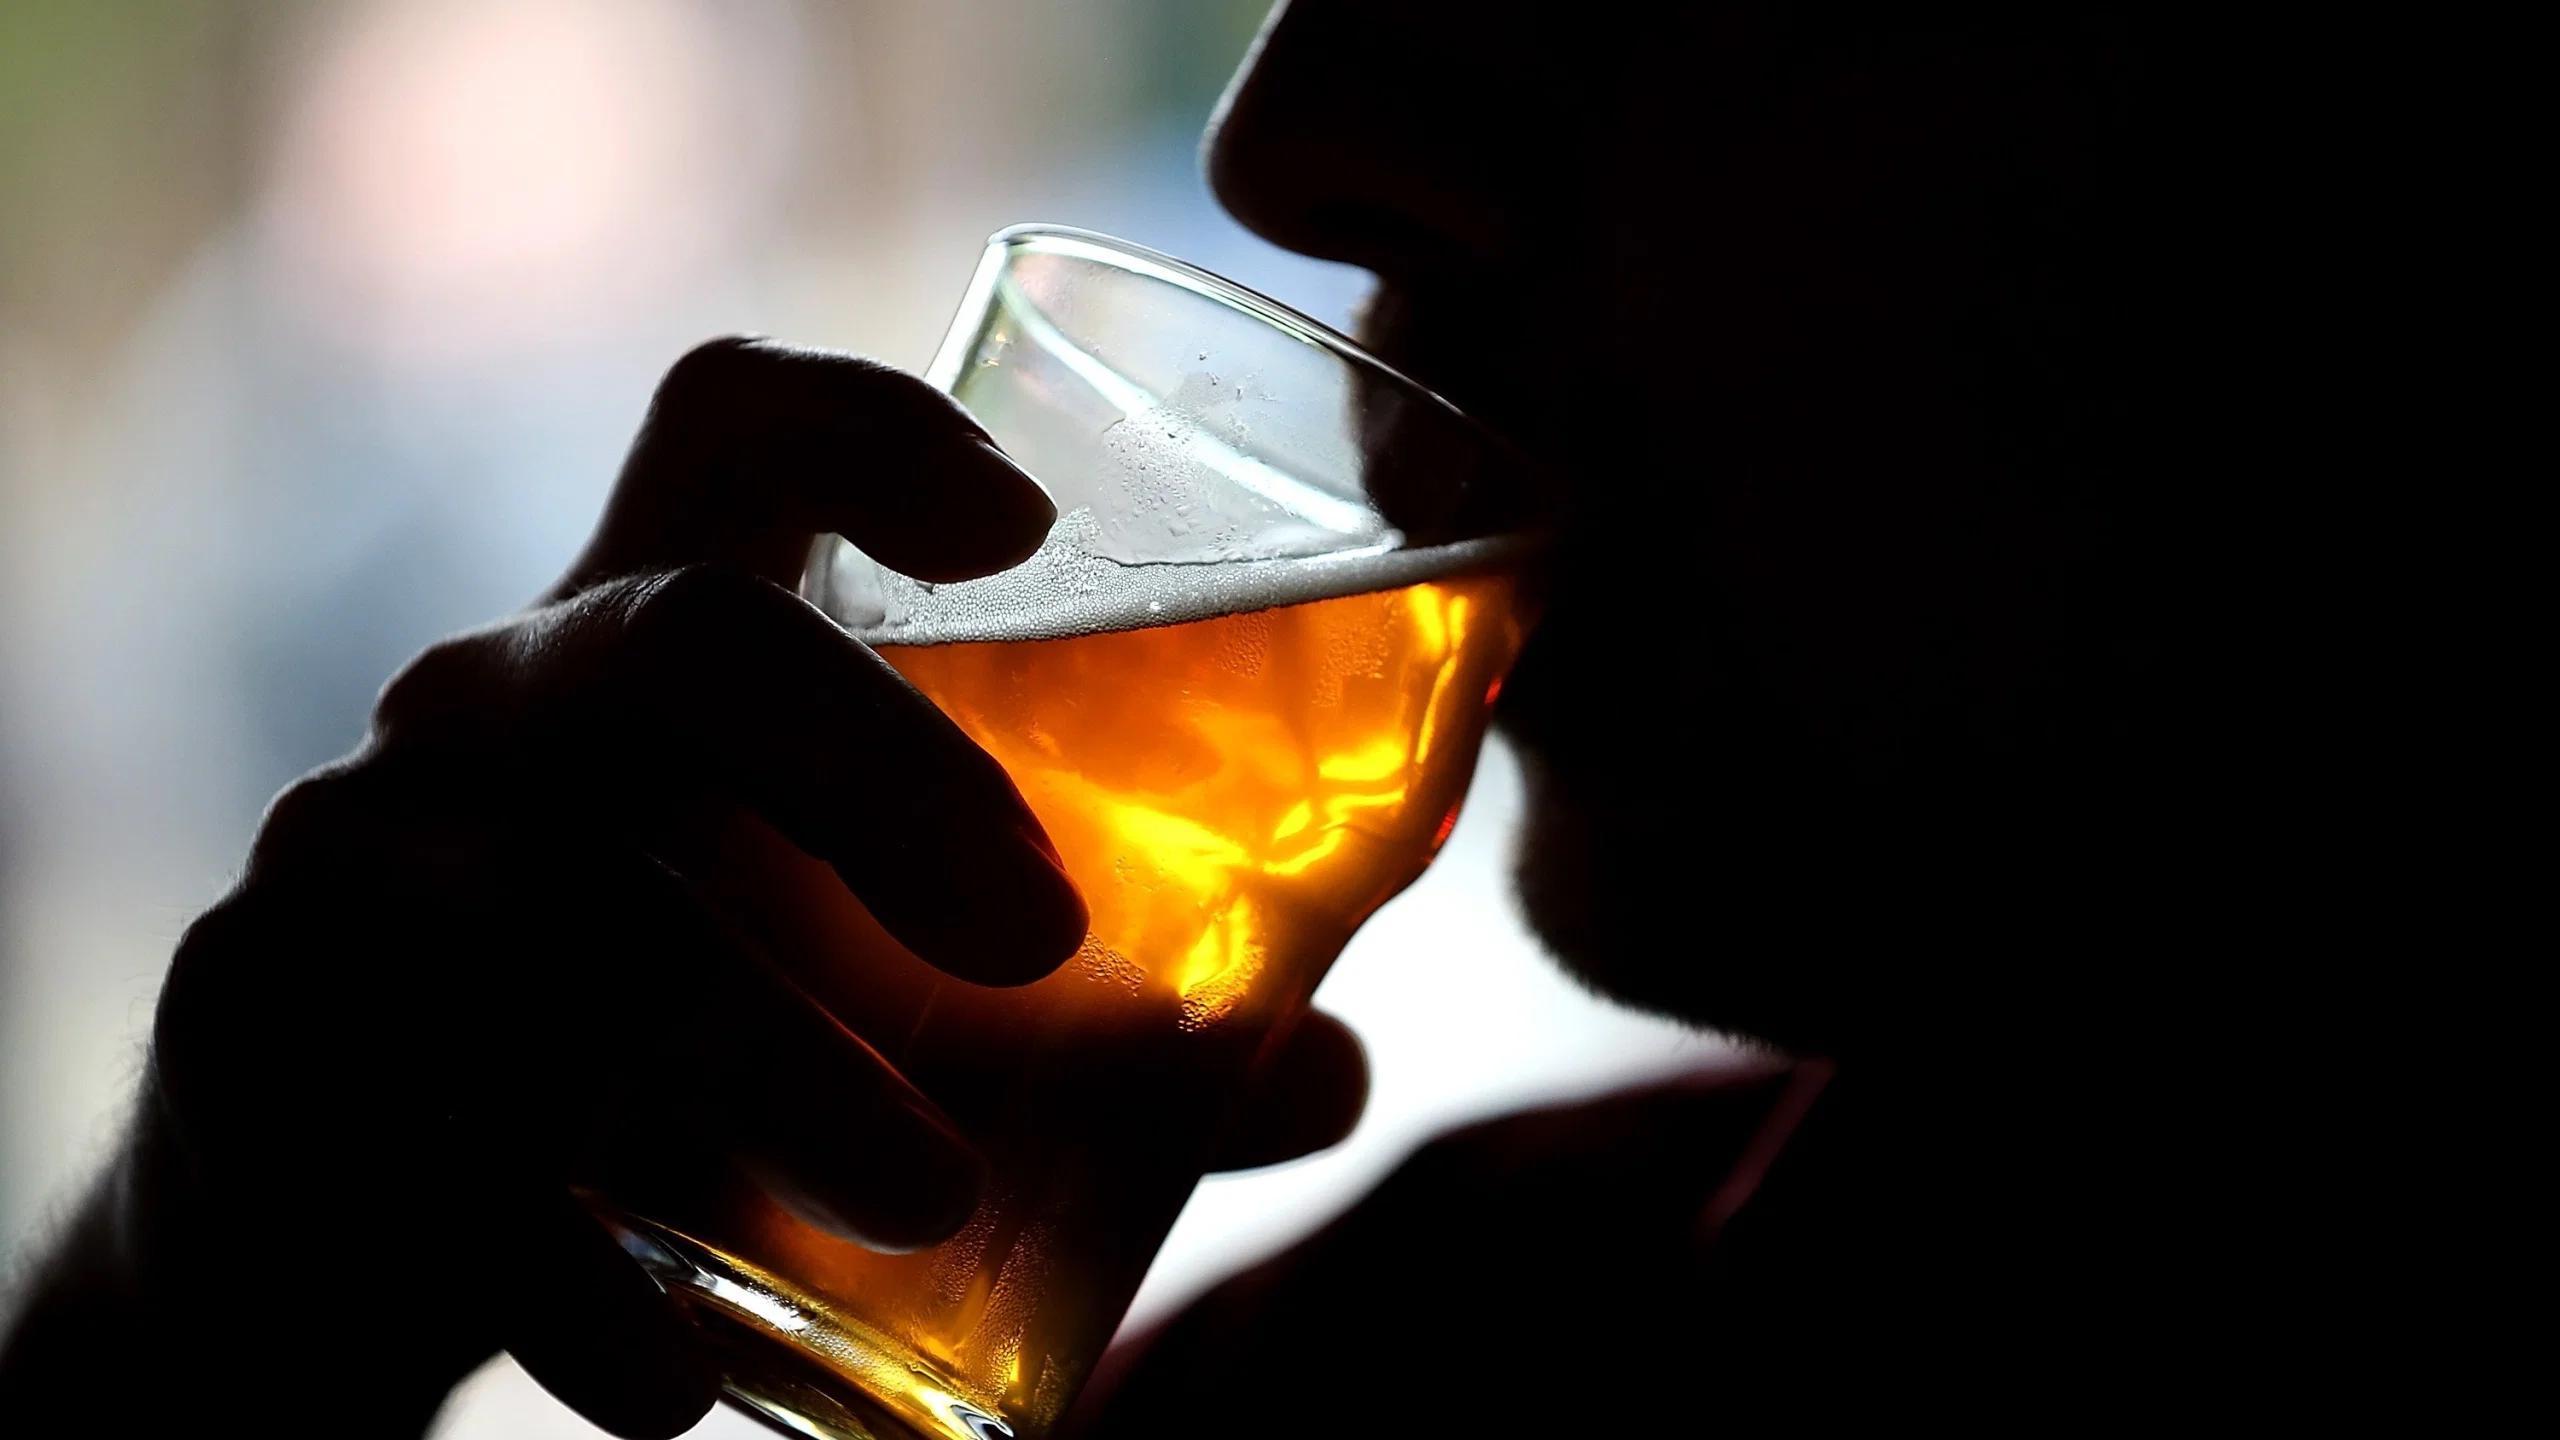 Идентифицирована нейронная сеть, ответственная за склонность к алкоголизму